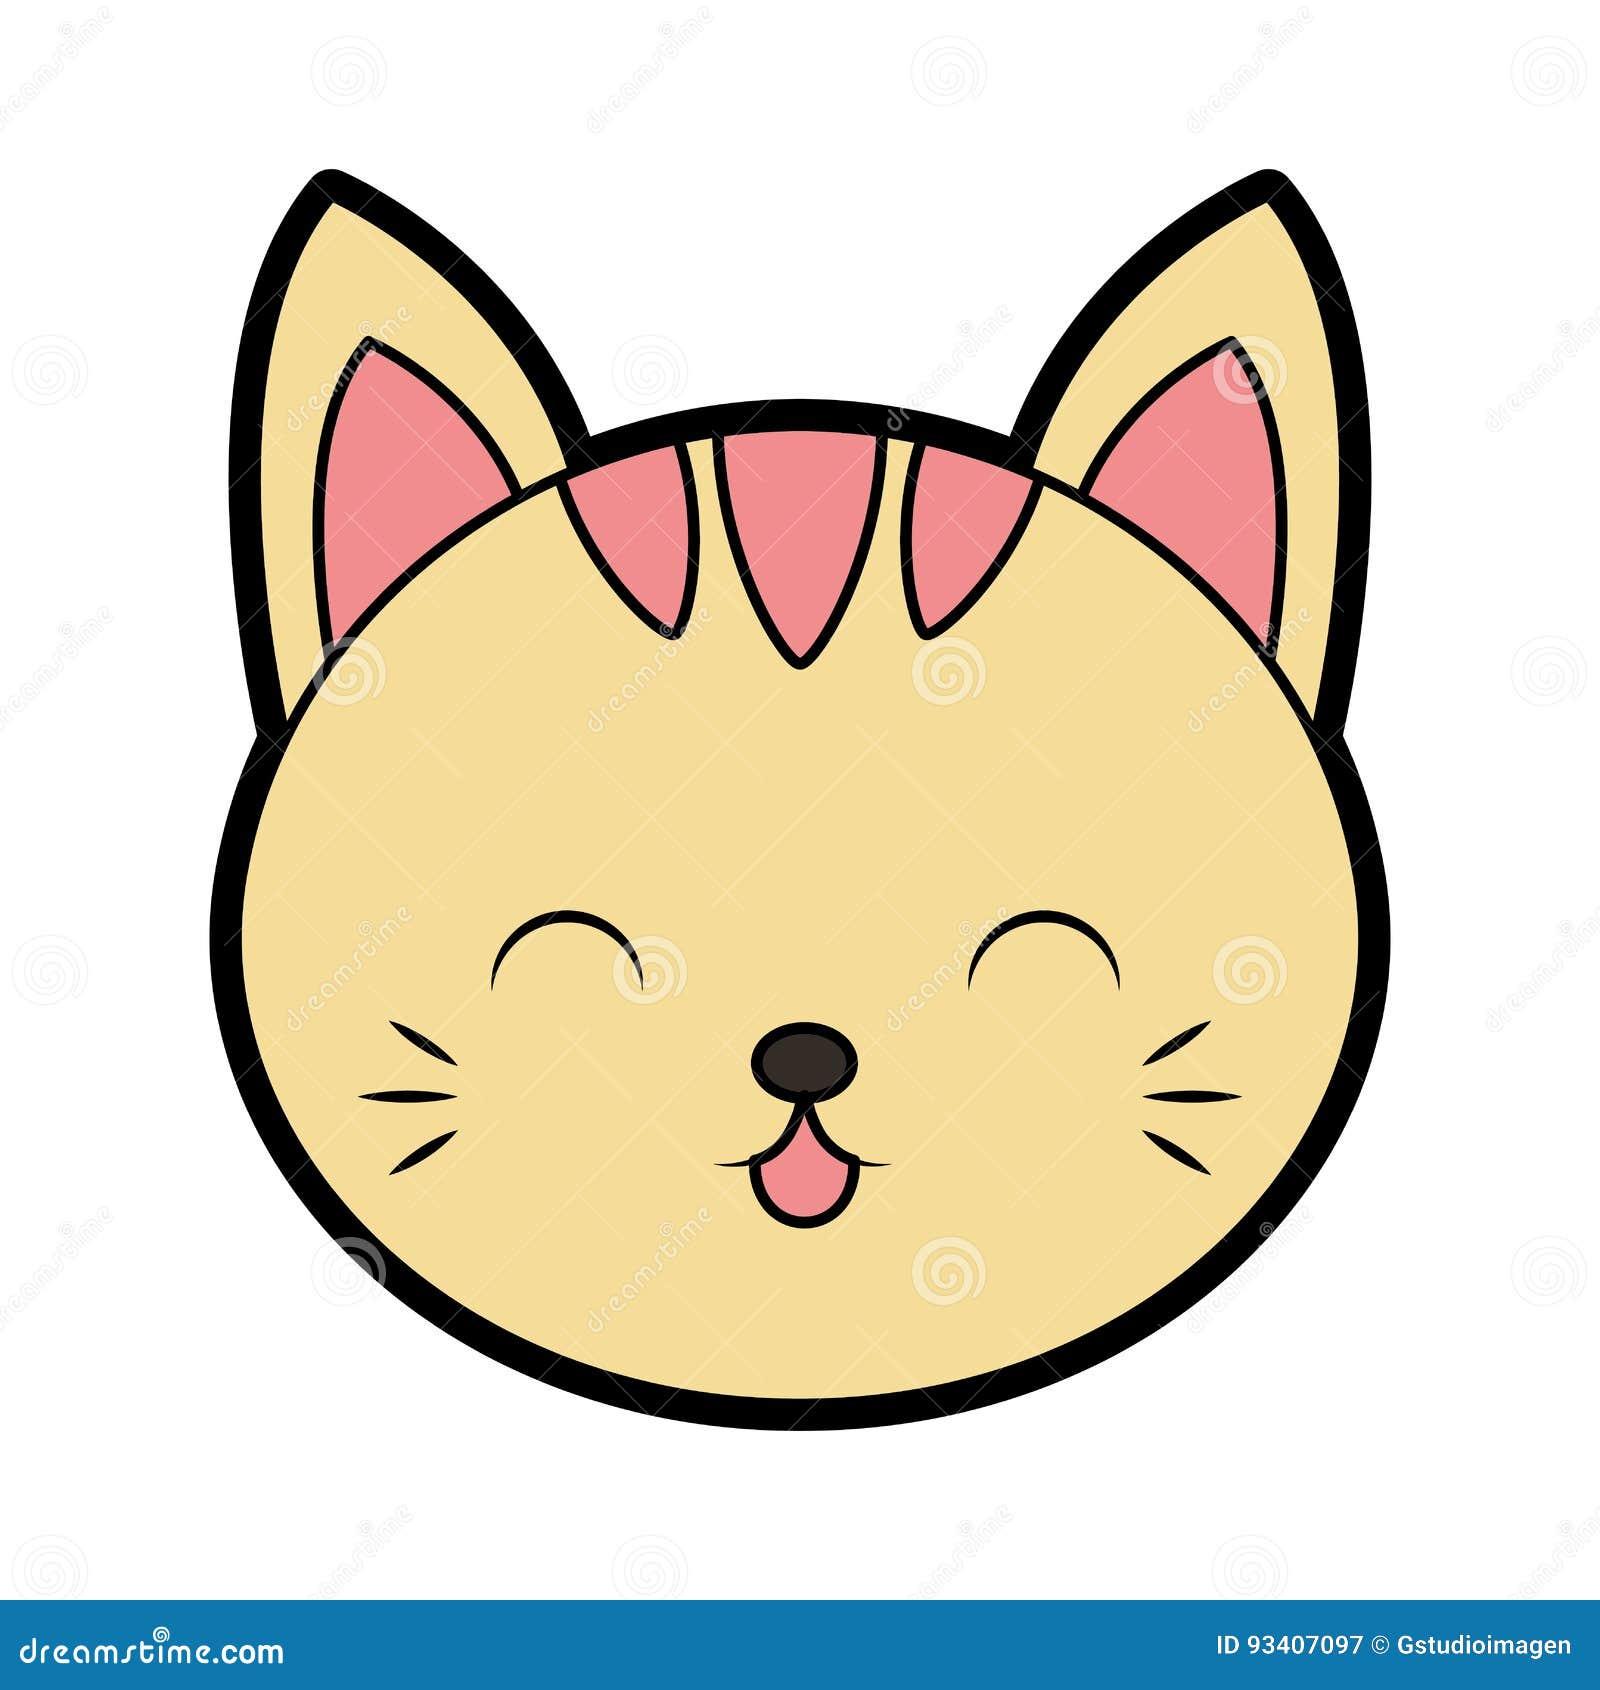 cute cat face cartoon stock vector illustration of illustration